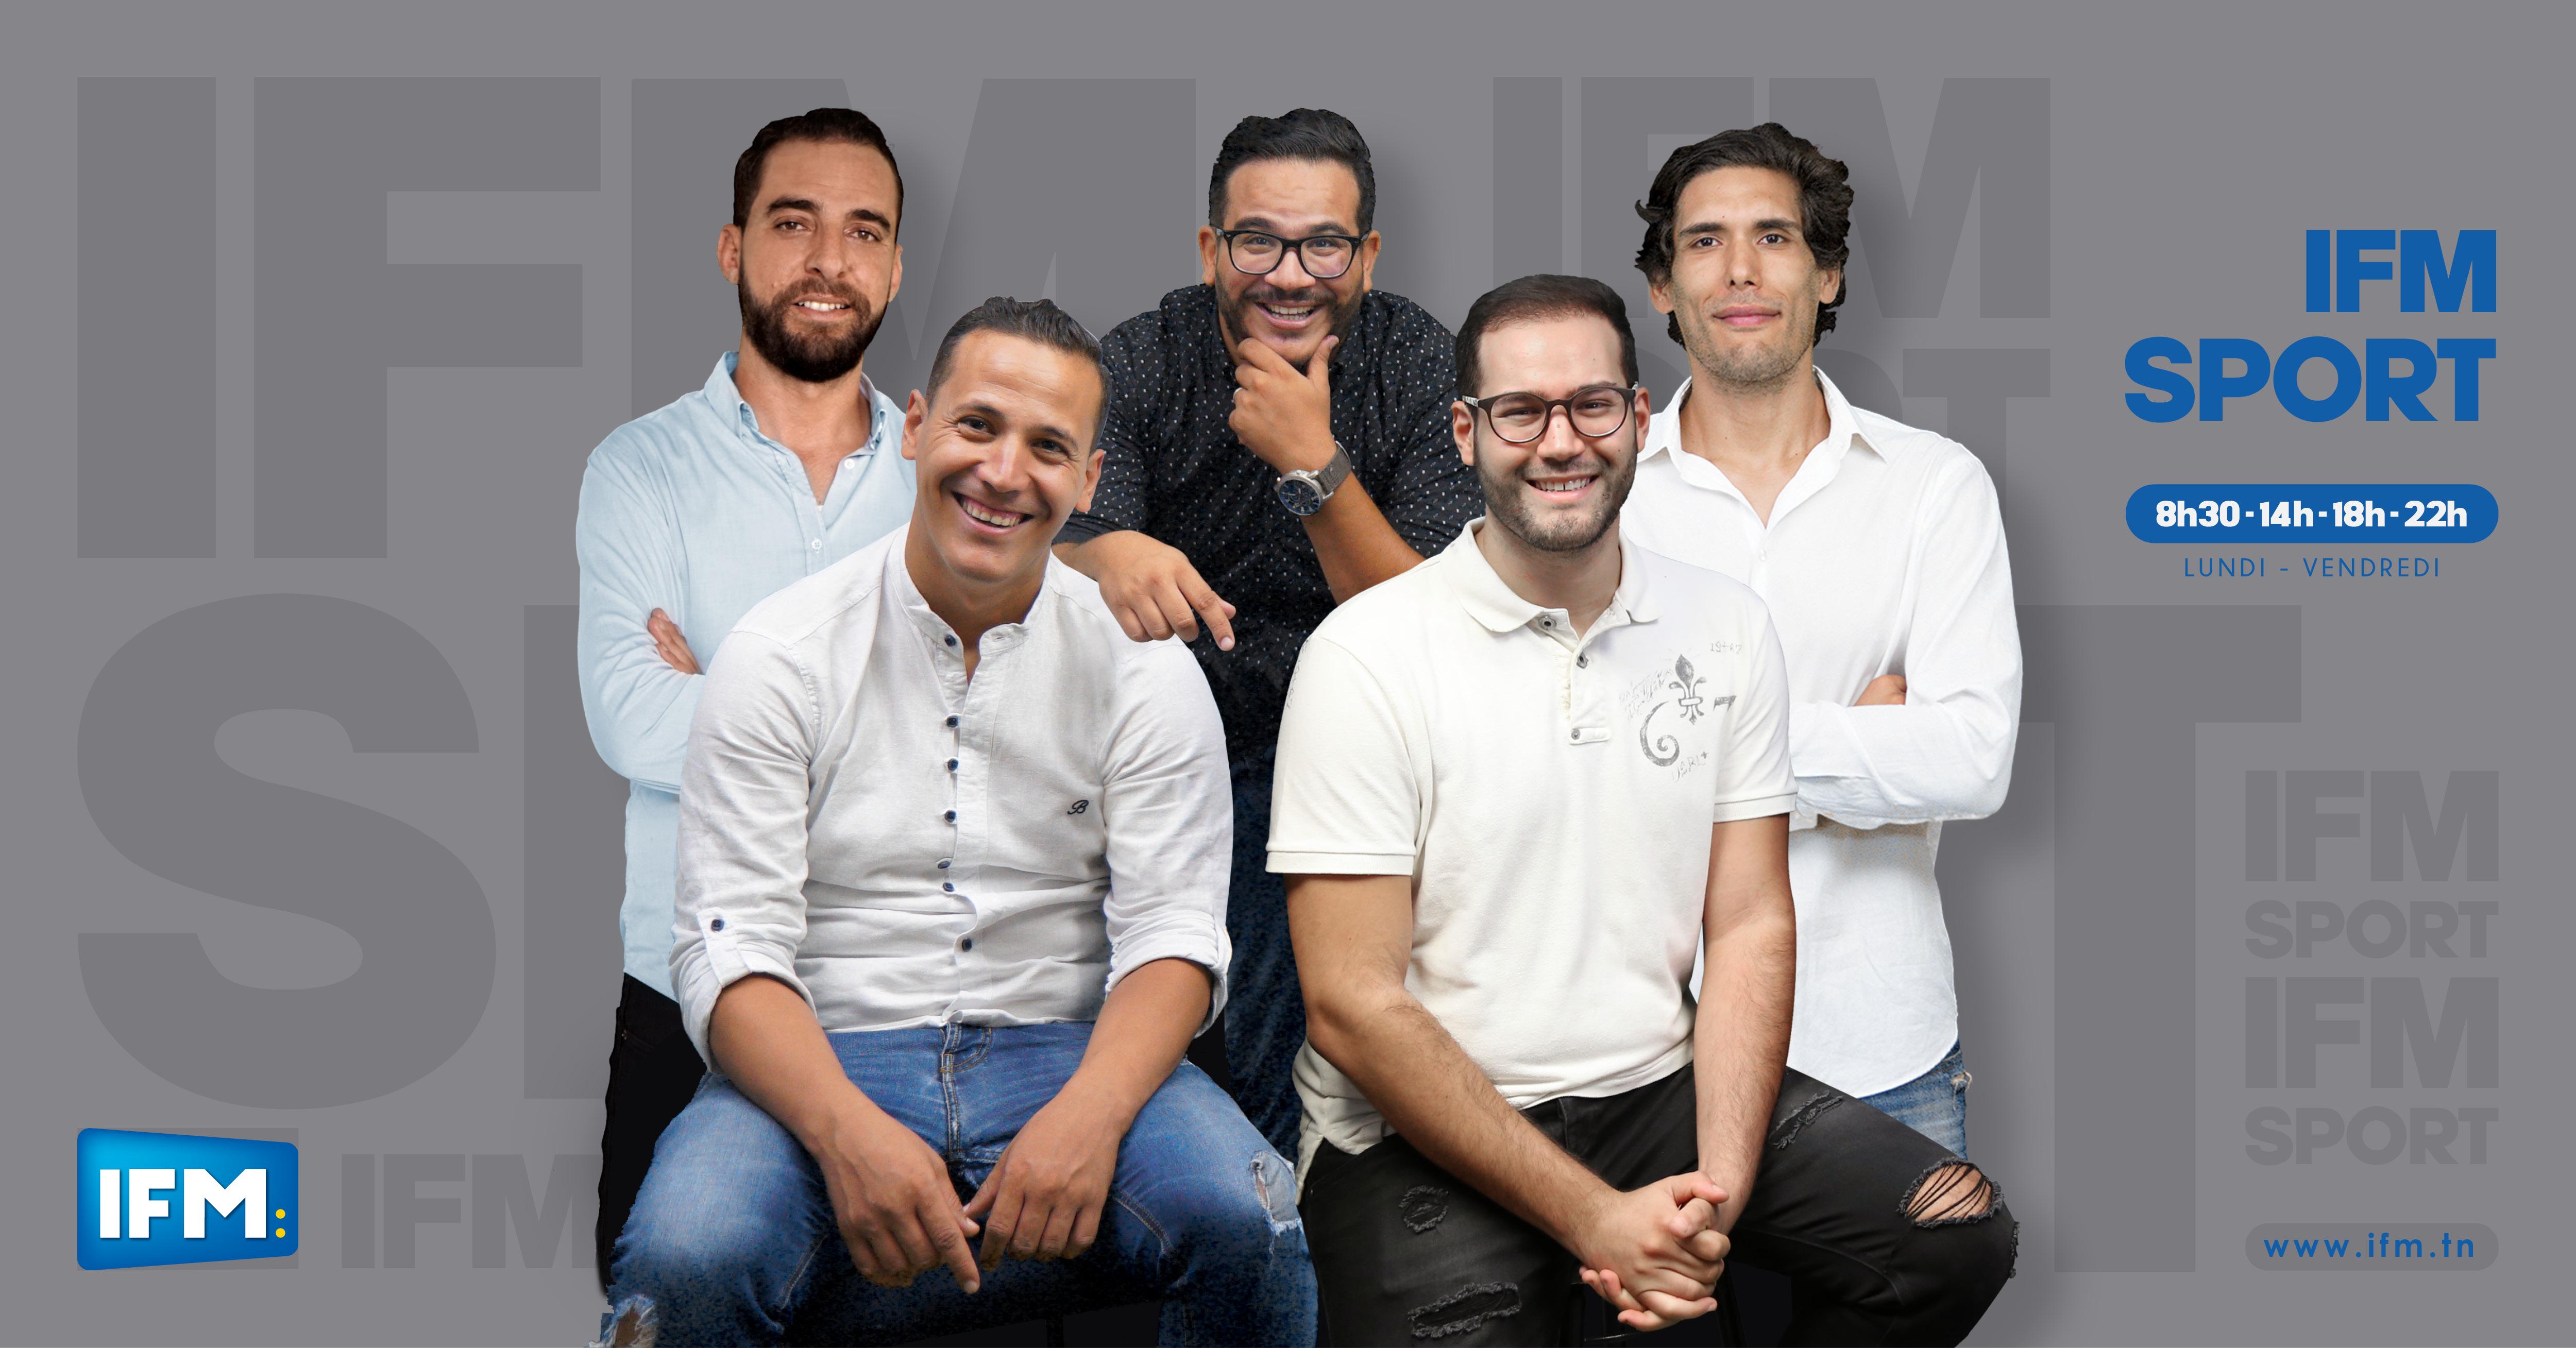 الرابطة تتخذ قرار بشأن حارس النادي الإفريقي عاطف الدخيلي   قائمة المنتخب الوطني التونسي